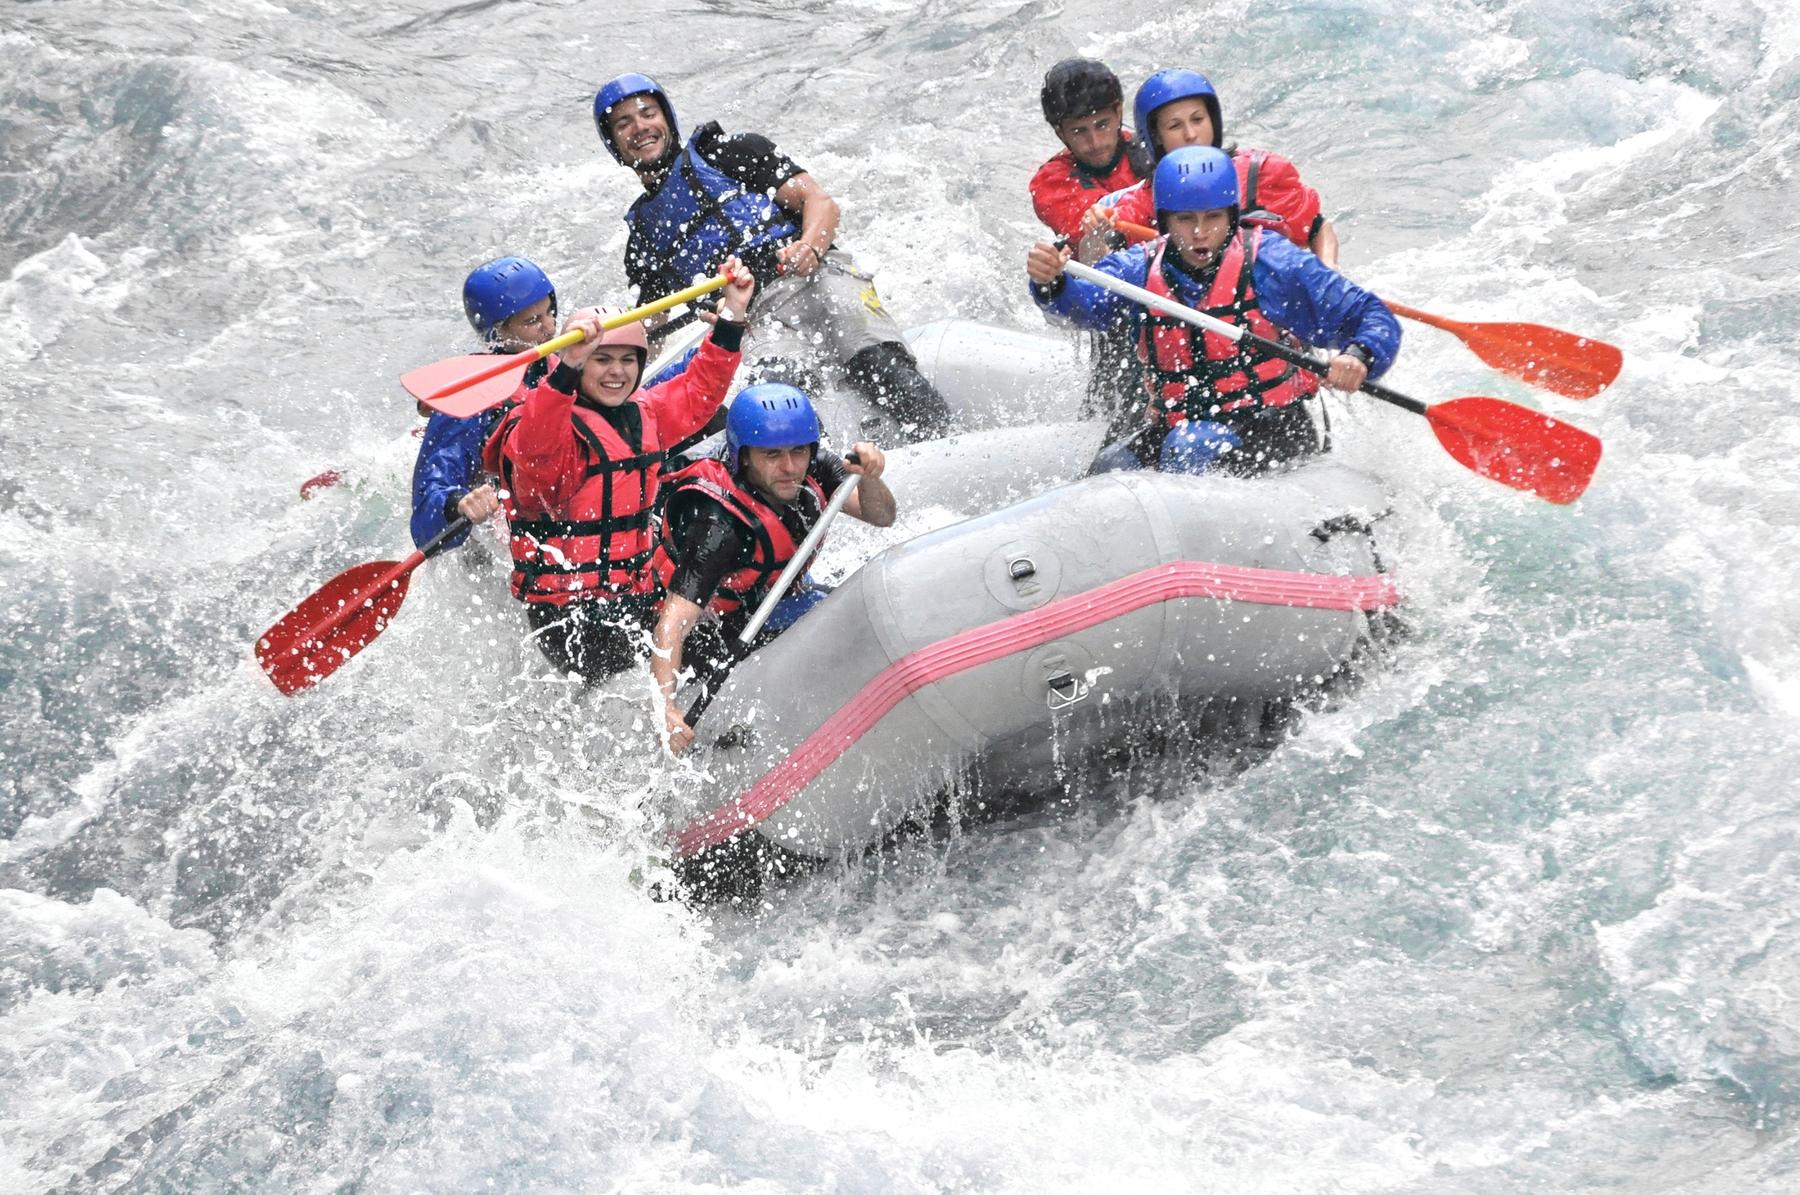 Erlebnisreisen in den USA: Wildwasser-Rafting im Grand Canyon